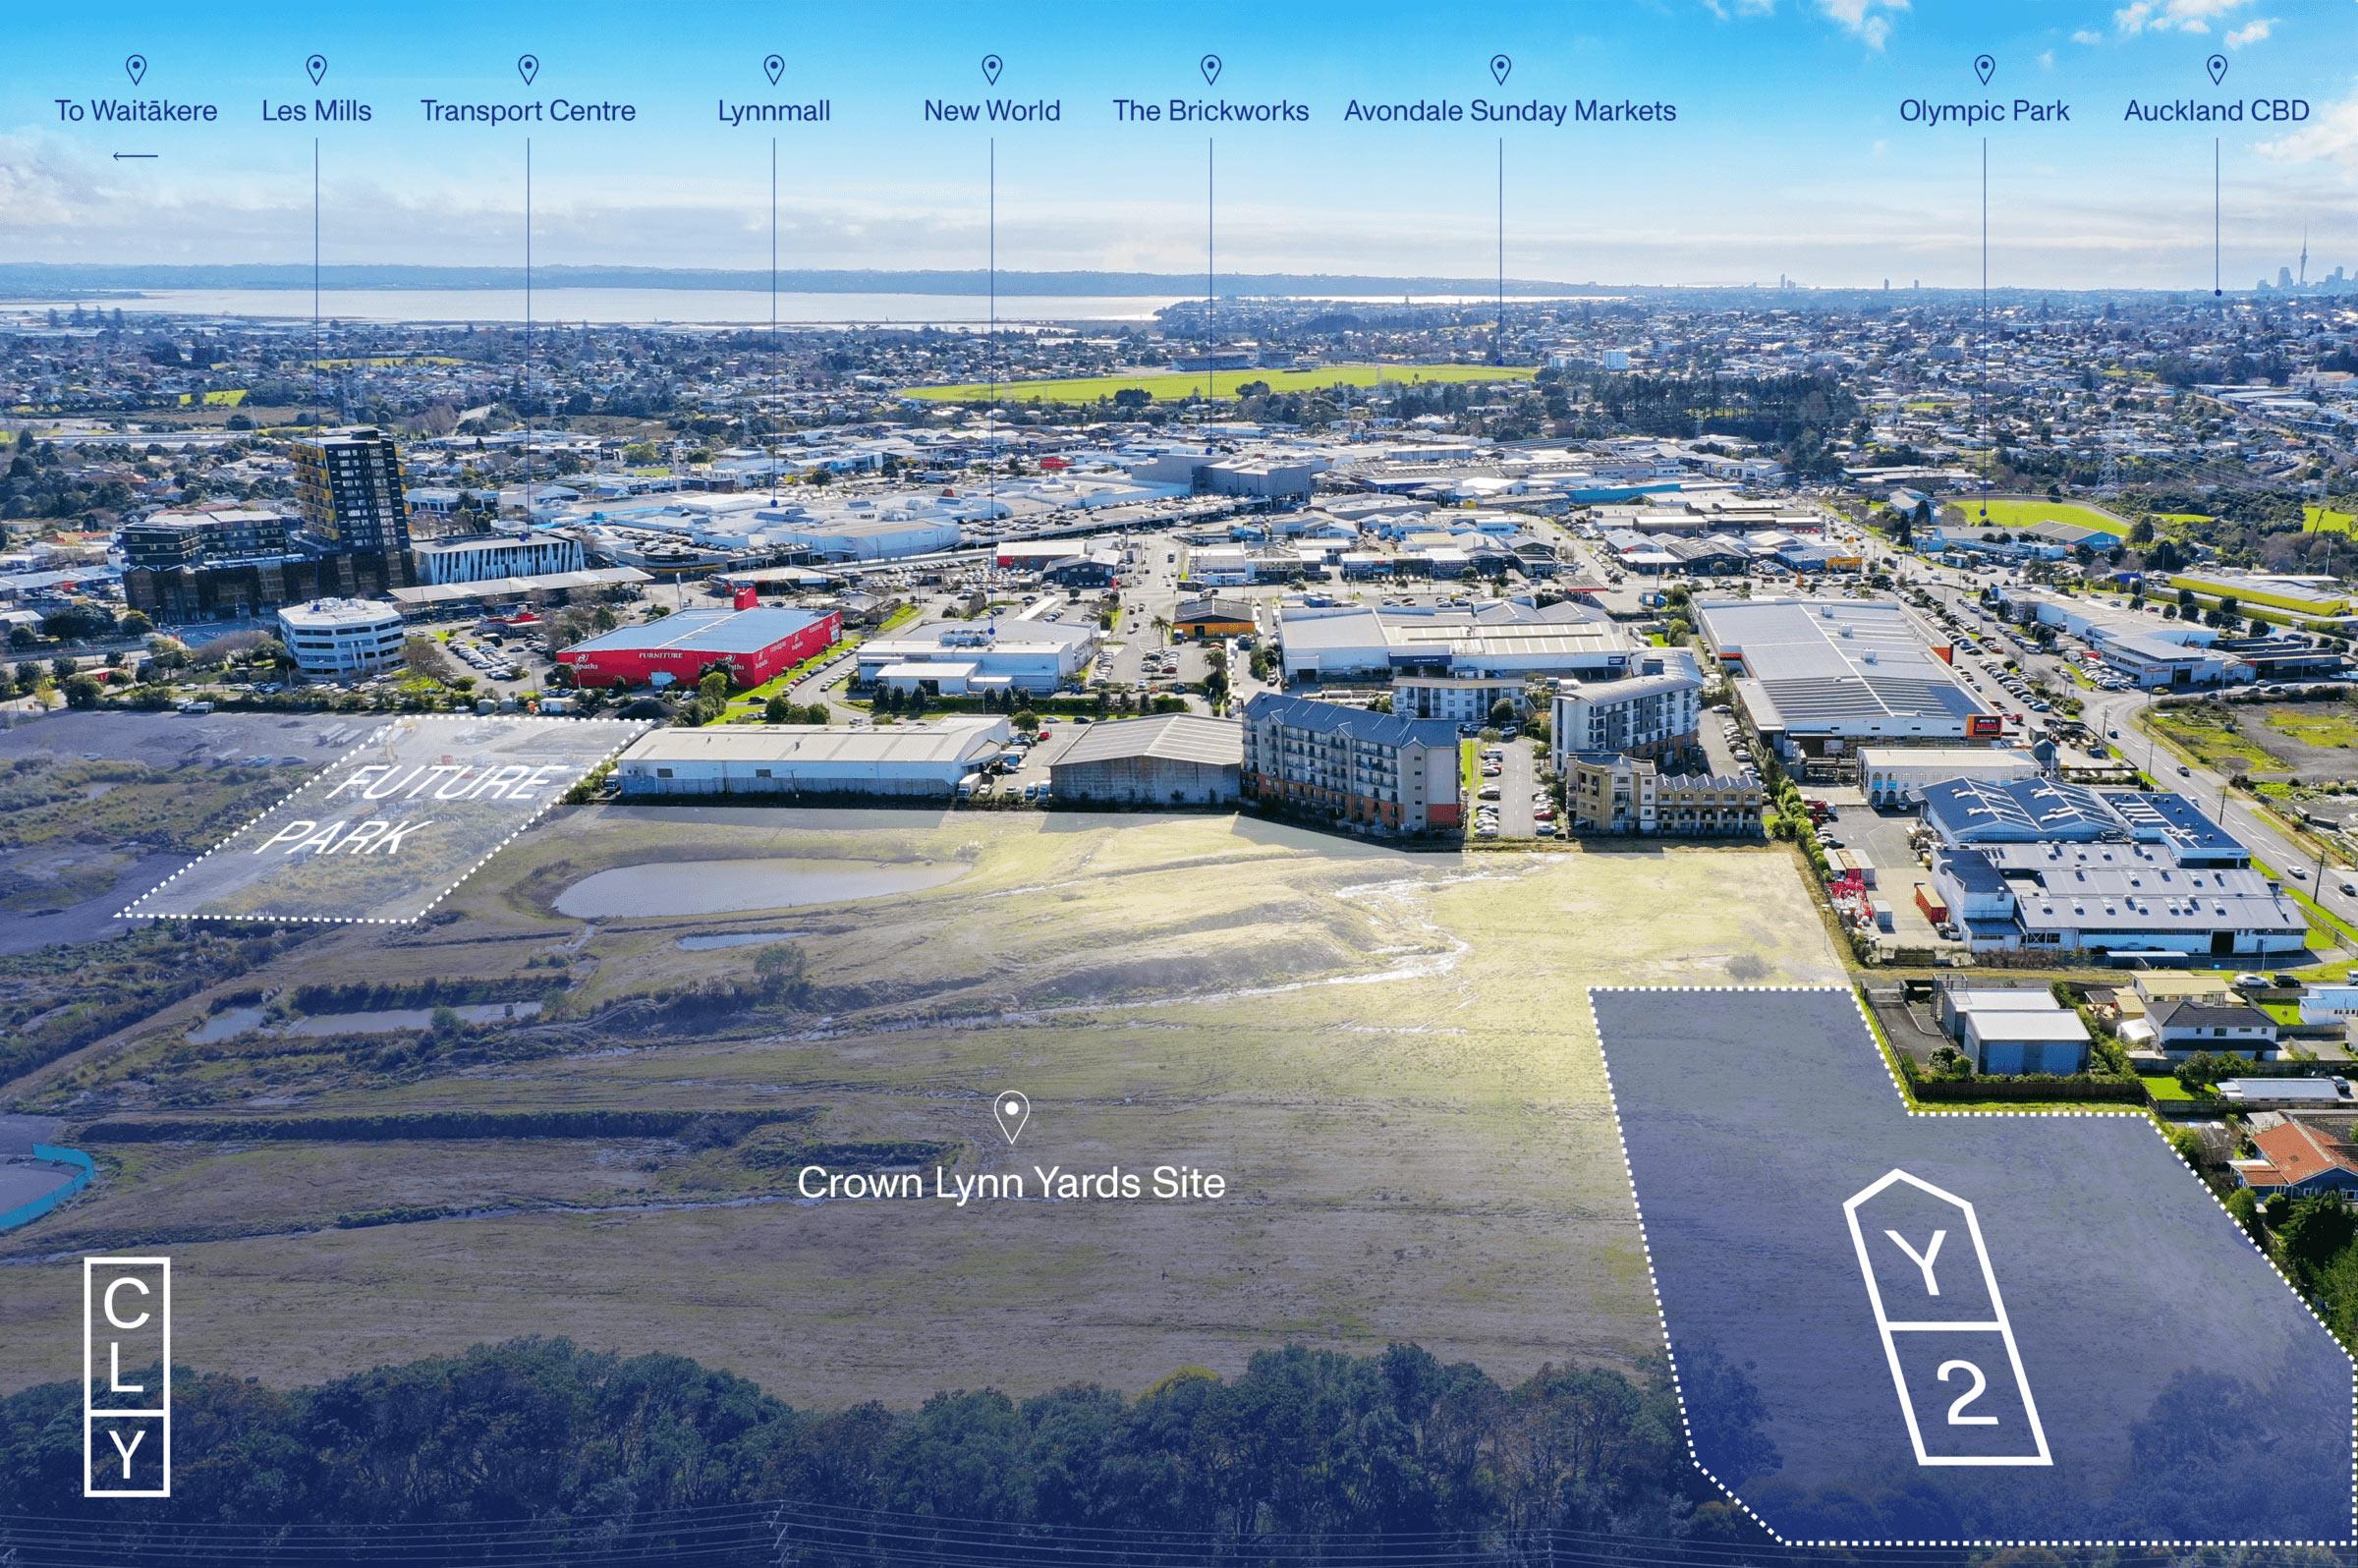 Crown Lynn Yards Aerial